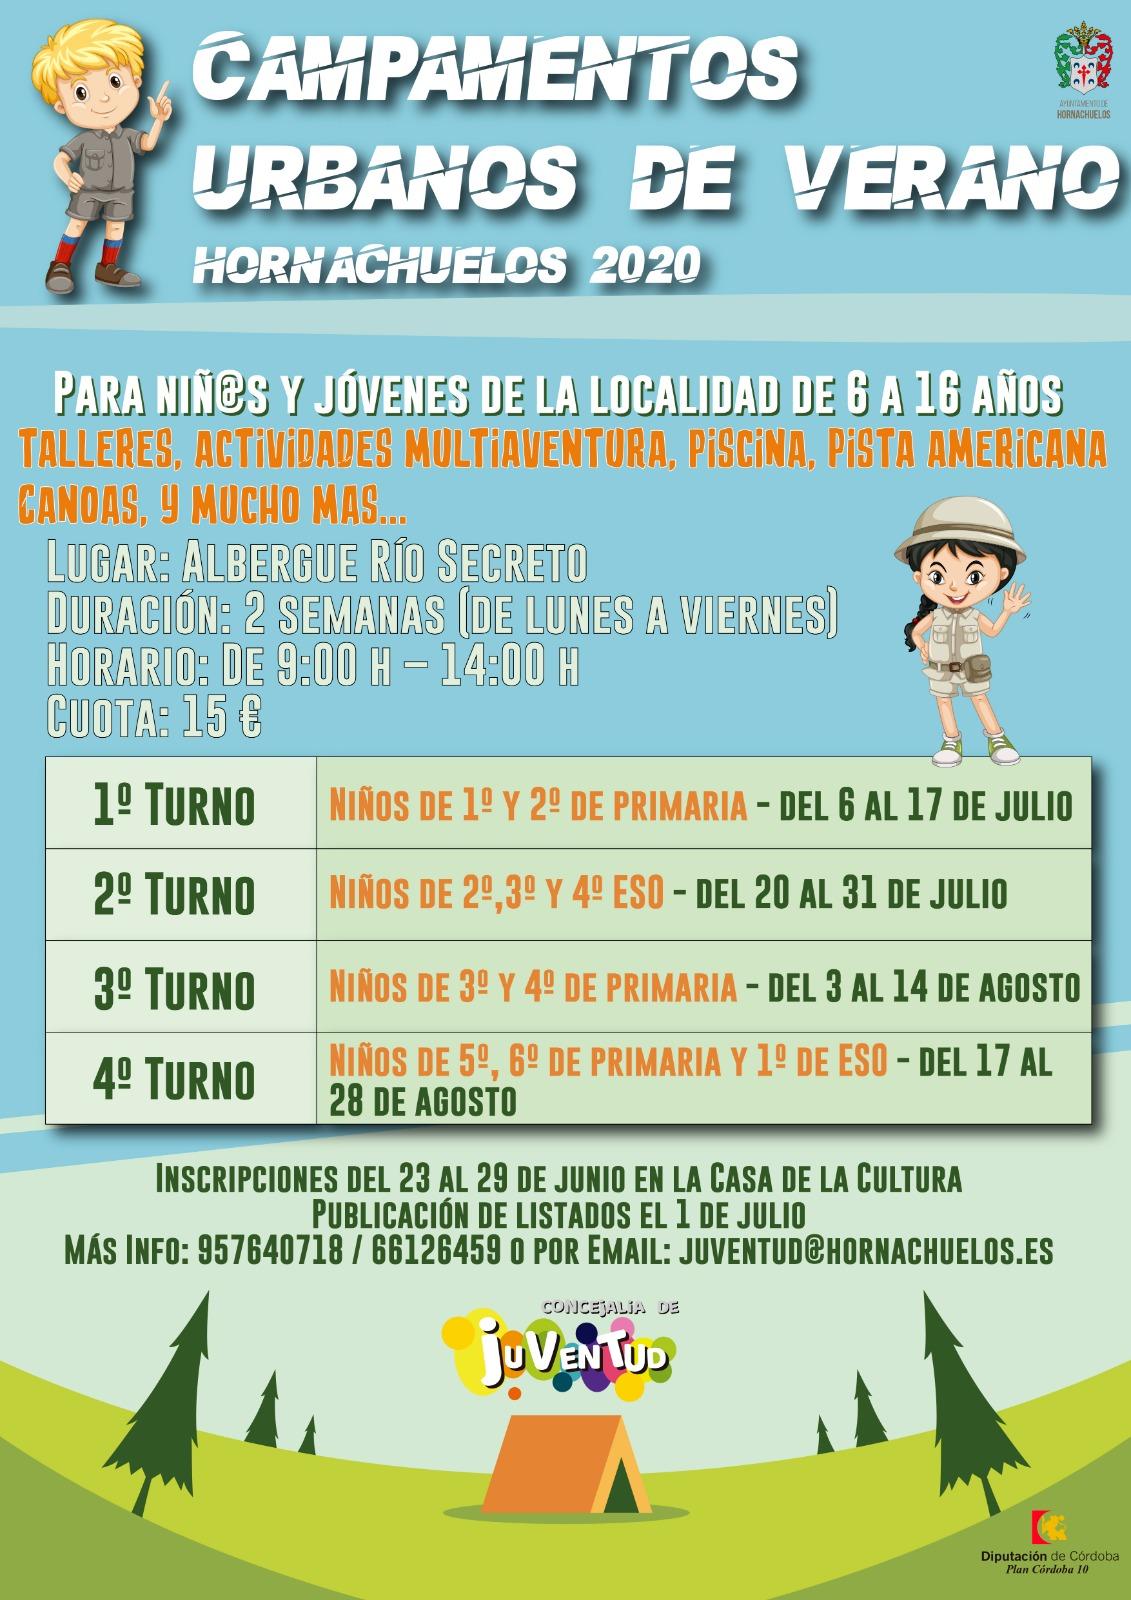 Campamentos Urbanos de Verano Hornachuelos 2020